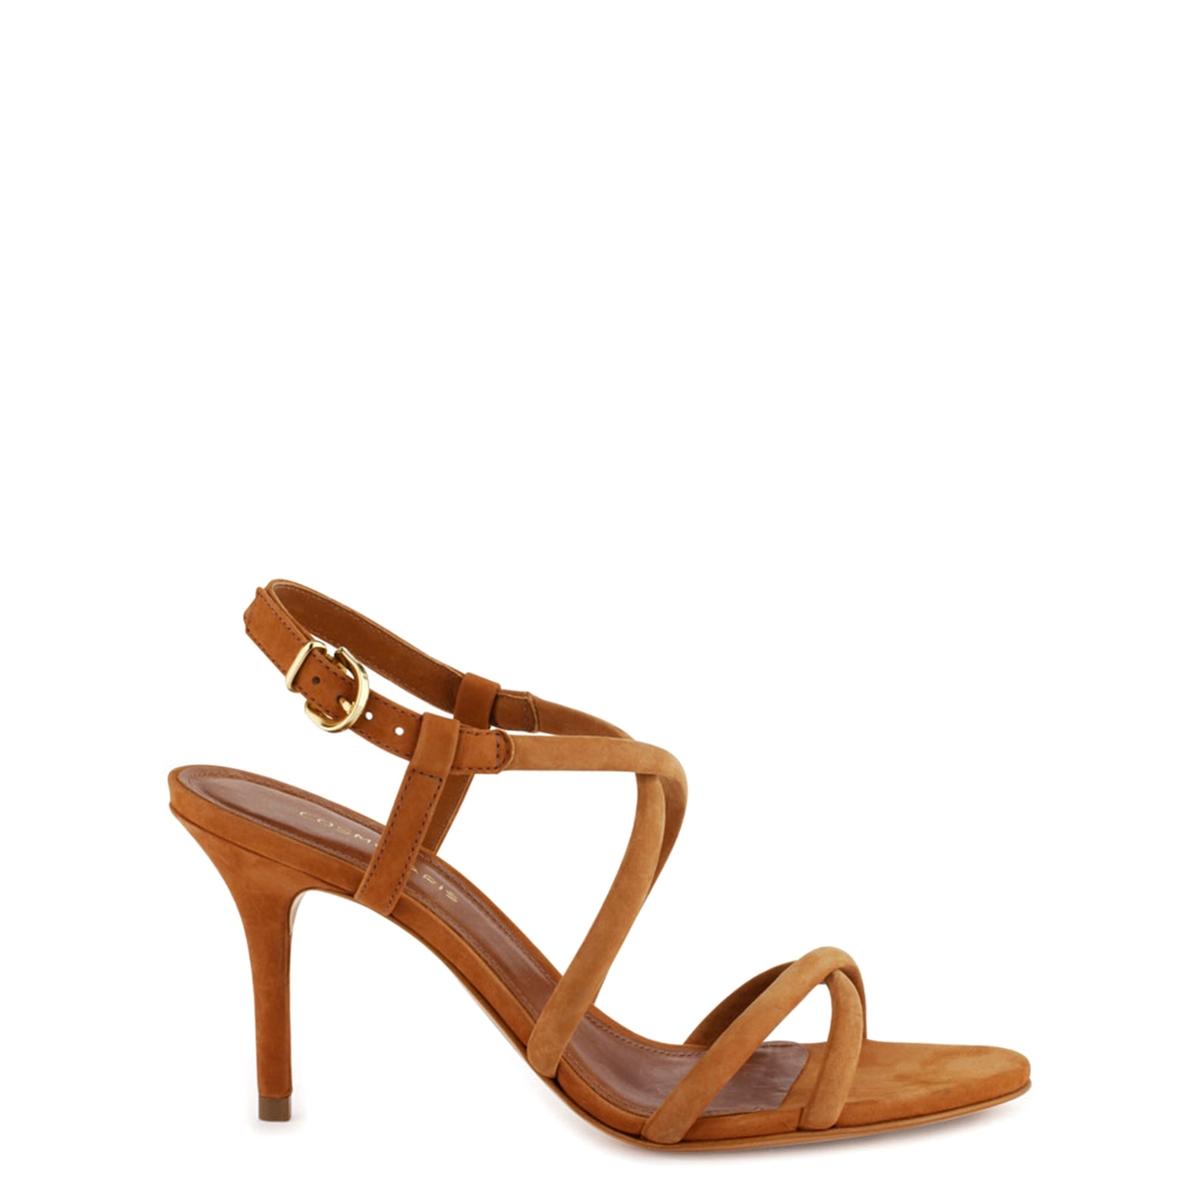 Босоножки кожаные AdalinaВерх : кожа   Подкладка : кожа   Стелька : кожа   Подошва : эластомер   Высота каблука : 8 см   Форма каблука : шпилька   Мысок : открытый мысок   Застежка : пряжка<br><br>Цвет: коньячный